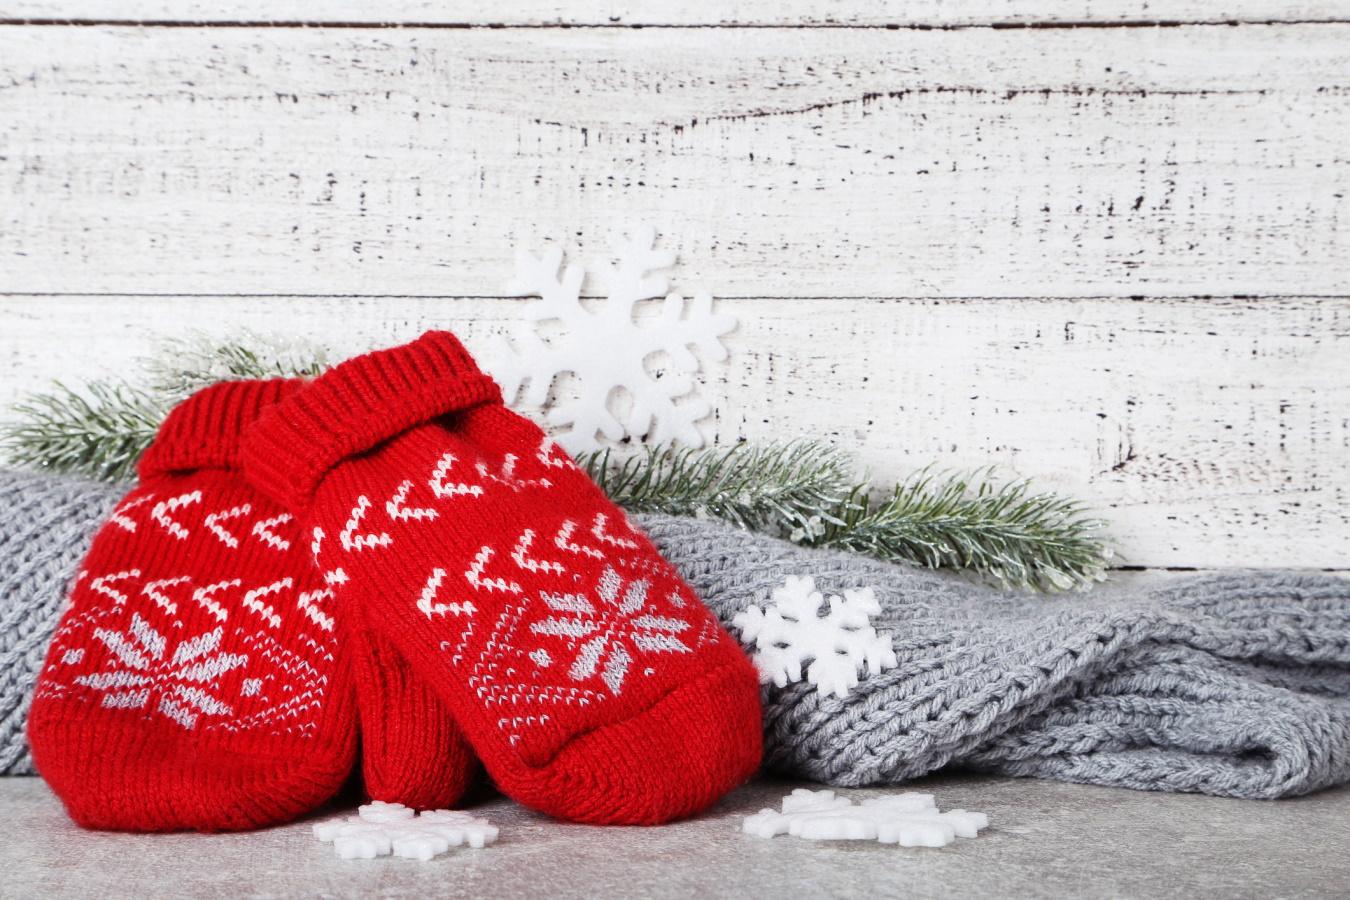 <p>Ръкавици с коледни мотиви в комплект с шал</p>  <p>Както отбелязахме грижата за това да ни е топло през зимата е ключов фактор този сезон. Какво по-хубаво от това да се погрижите за любимия мъж - било то съпруг, гадже, баща или дядо. Те ще оценят вашата загриженост.</p>